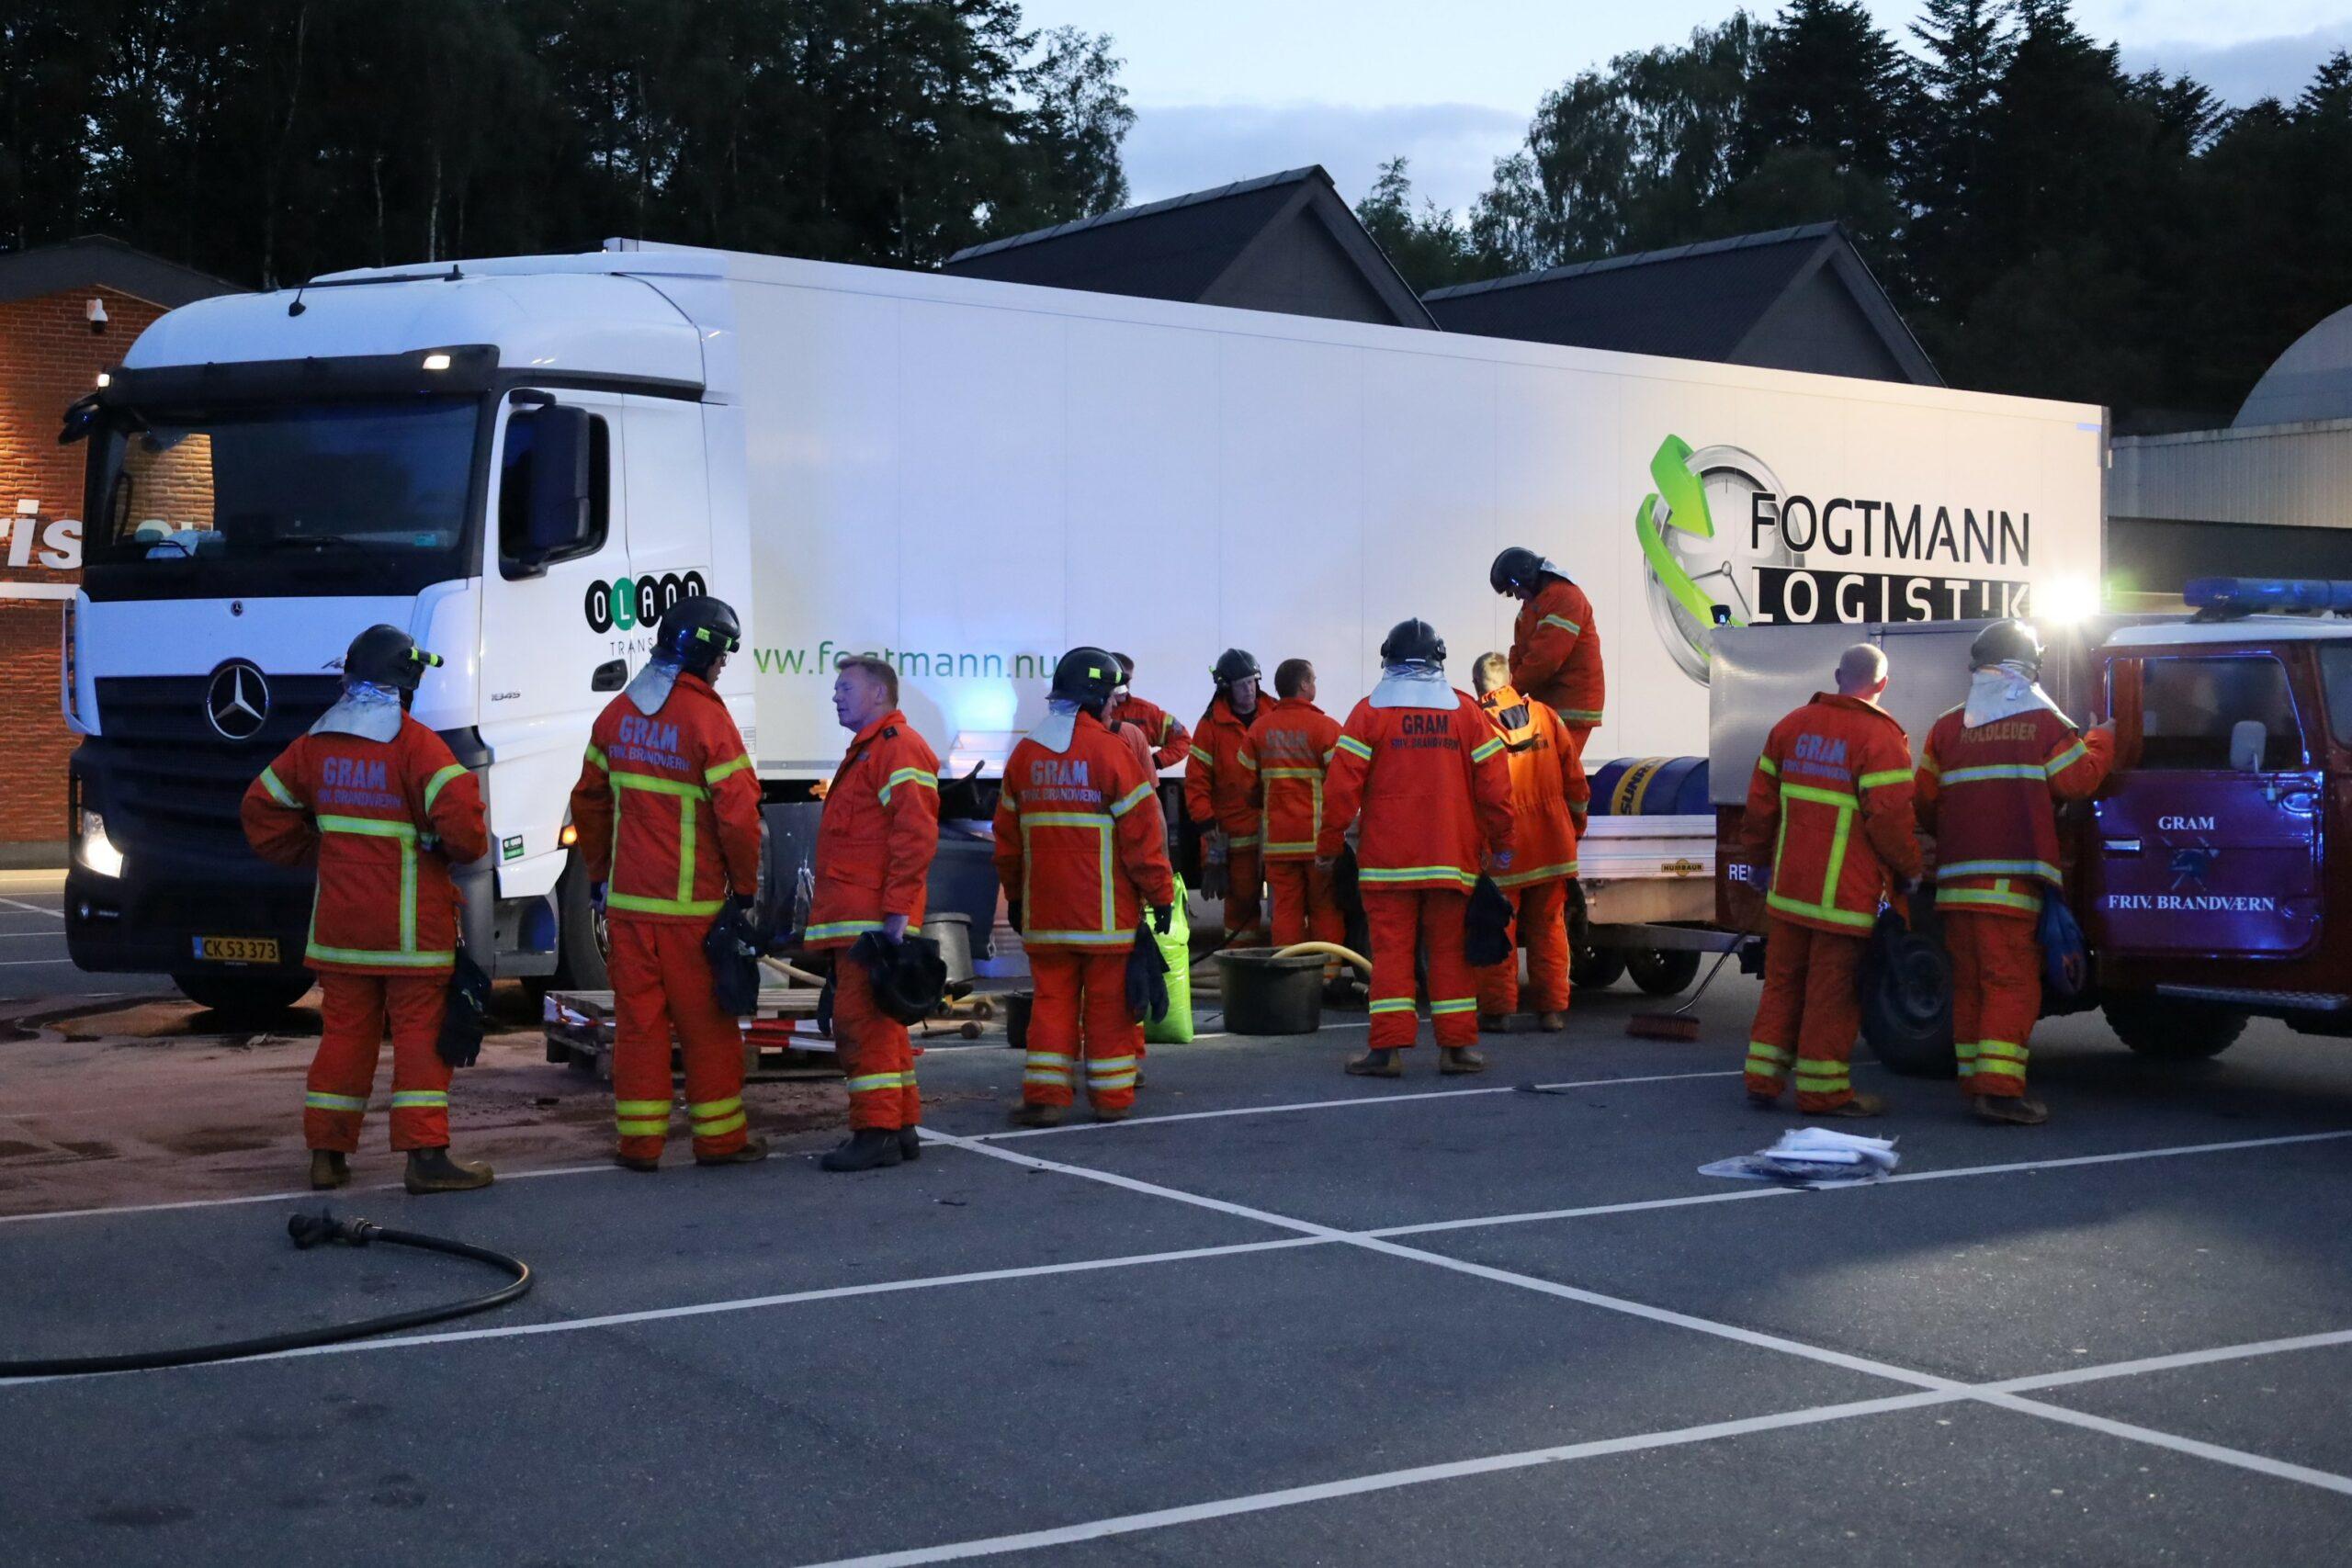 Stor forurening - lastbil påkører lygtepæl og taber 600 liter diesel